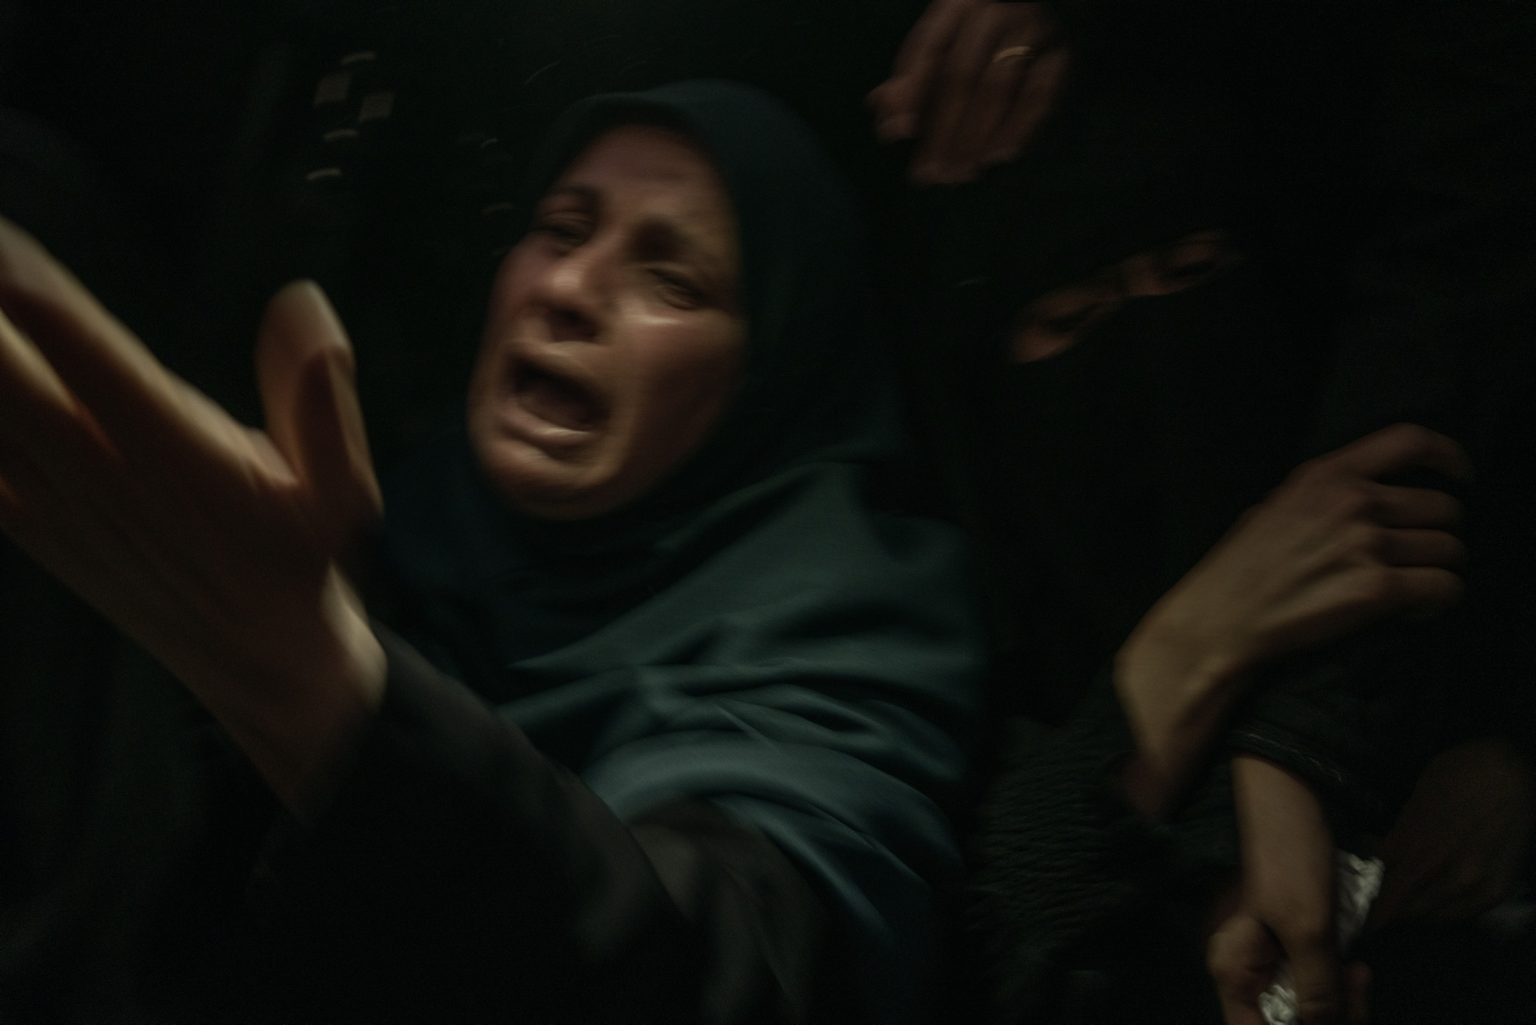 Gaza Strip, May 2018 - Relatives of Omar Abual Fuol, 33, who was killed by Israeli tanks that targeted Hamas positions in Gaza, mourn during his funeral in Gaza City. >< Striscia di Gaza, Maggio 2018 - Parenti di Omar Abual Fuol, 33 anni, piangono durante il suo funerale nella città di Gaza. Omar è stato ucciso da un carro armato israeliano che ha colpito una postazione di Hamas all'interno della striscia di Gaza.